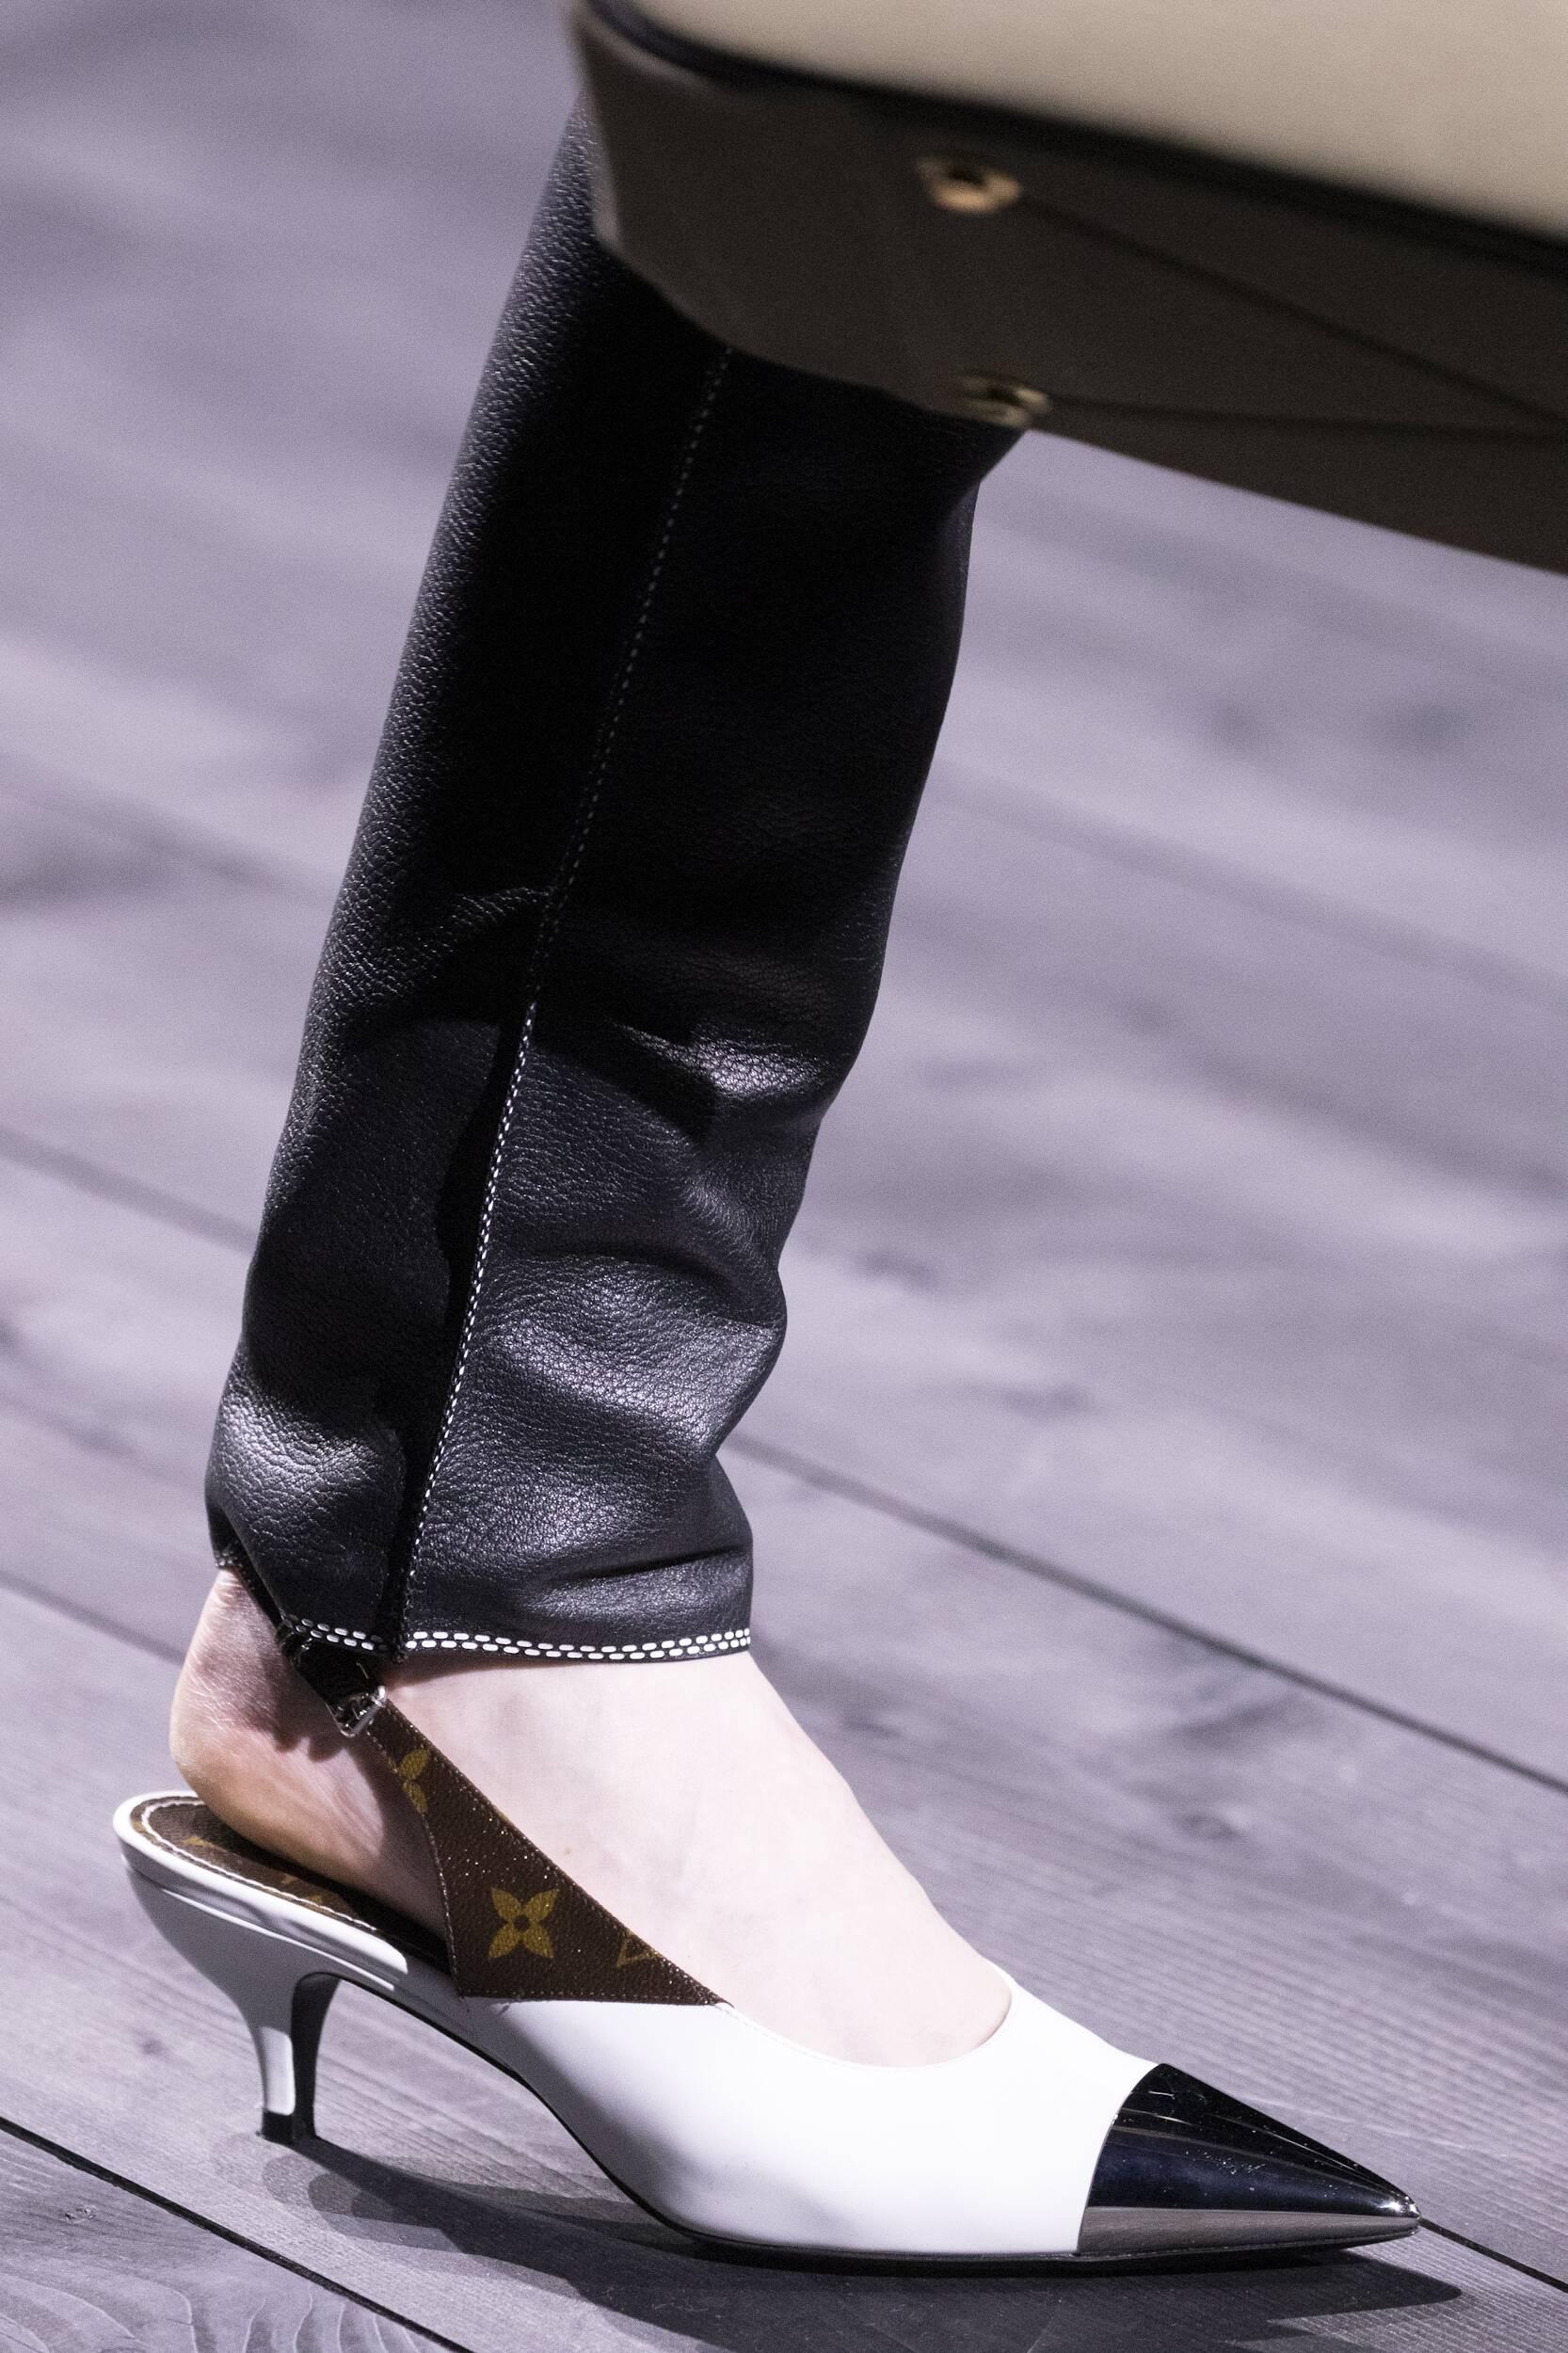 Louis Vuitton Shoes Trends